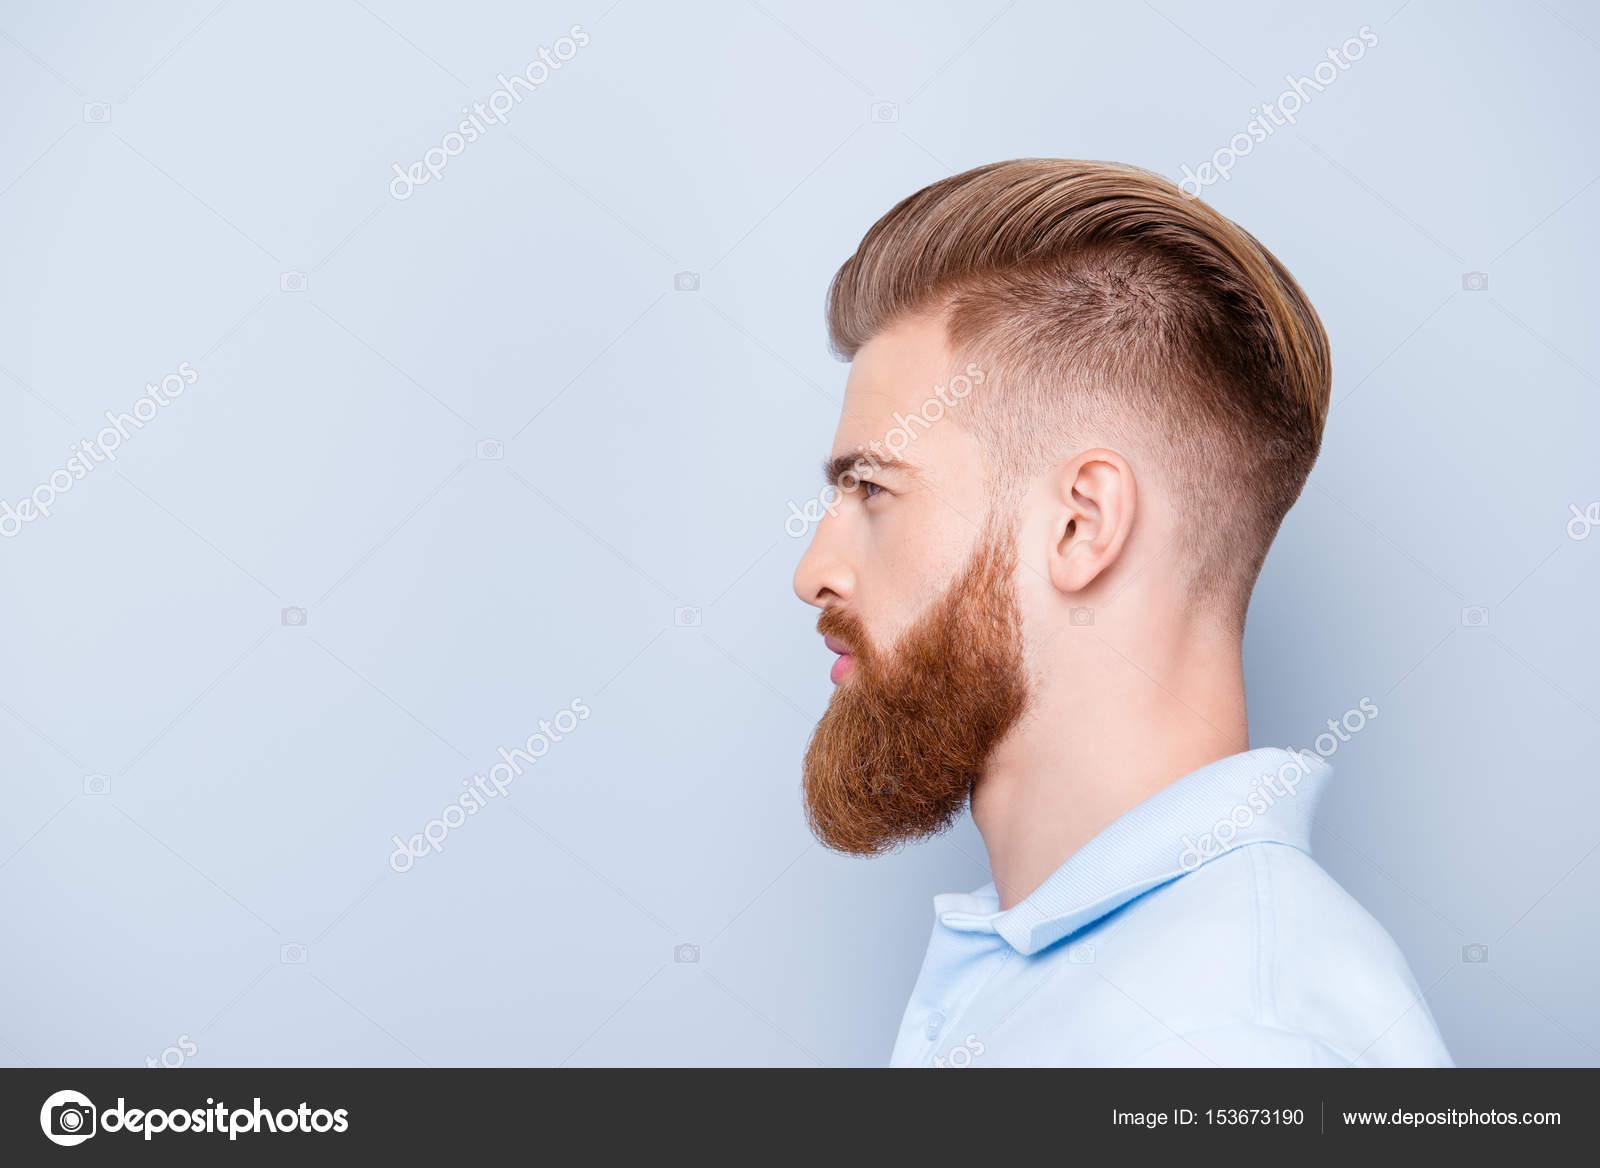 Serin saç stili - başarının anahtarı